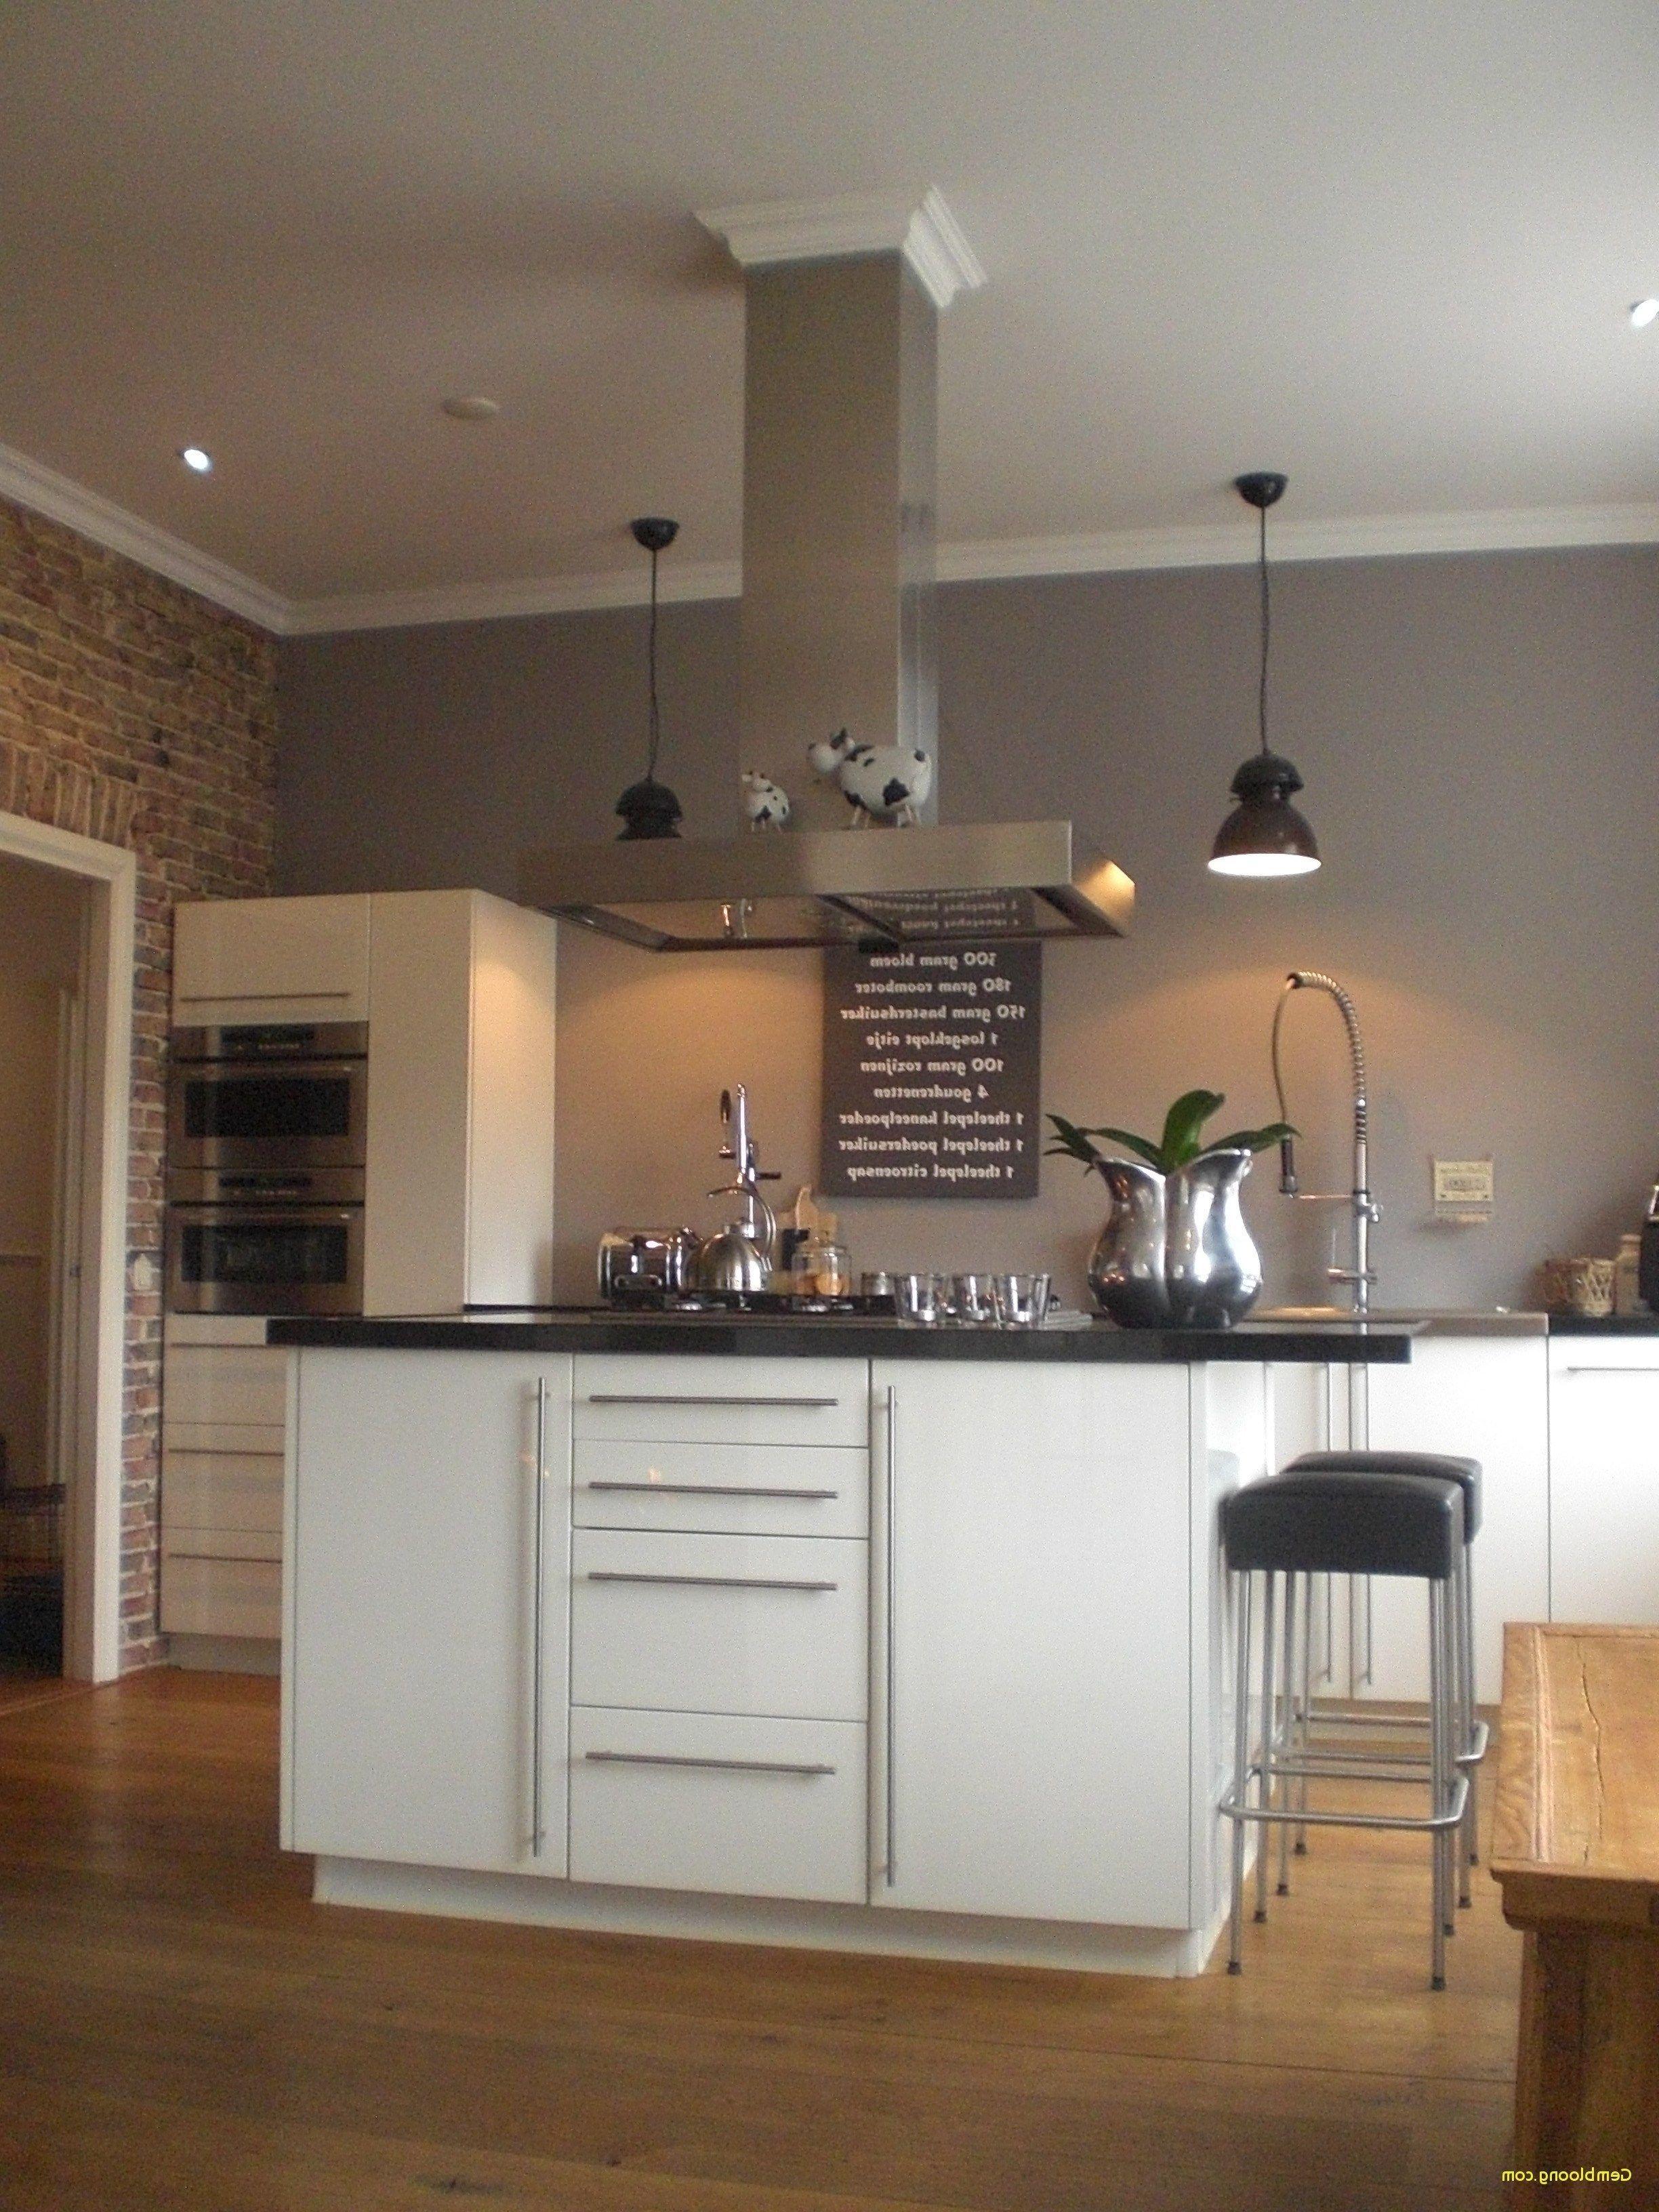 Fantastisch Wohnidee Küche Wandfarbe Tapete Und Stoff Passend Tapete Und Farbe